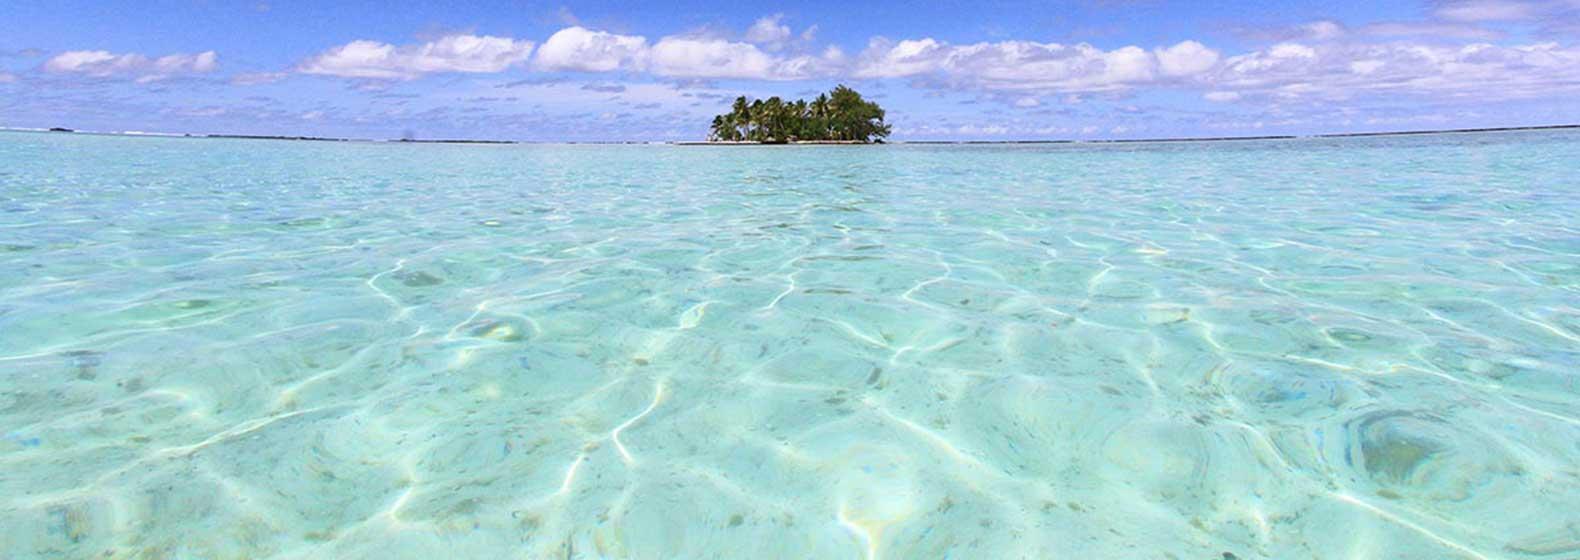 Une île entre le ciel et l'eau...